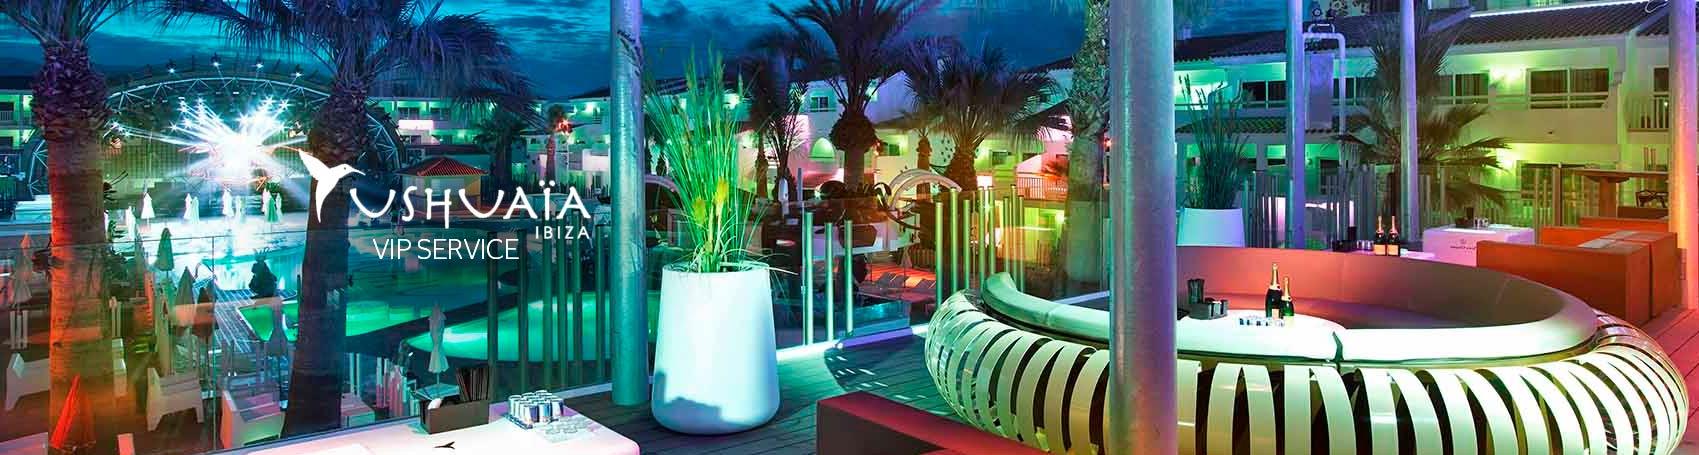 Table booking service beach club Ushuaia VIP in Ibiza. VIP services Ibiza. Consulting Services Ibiza